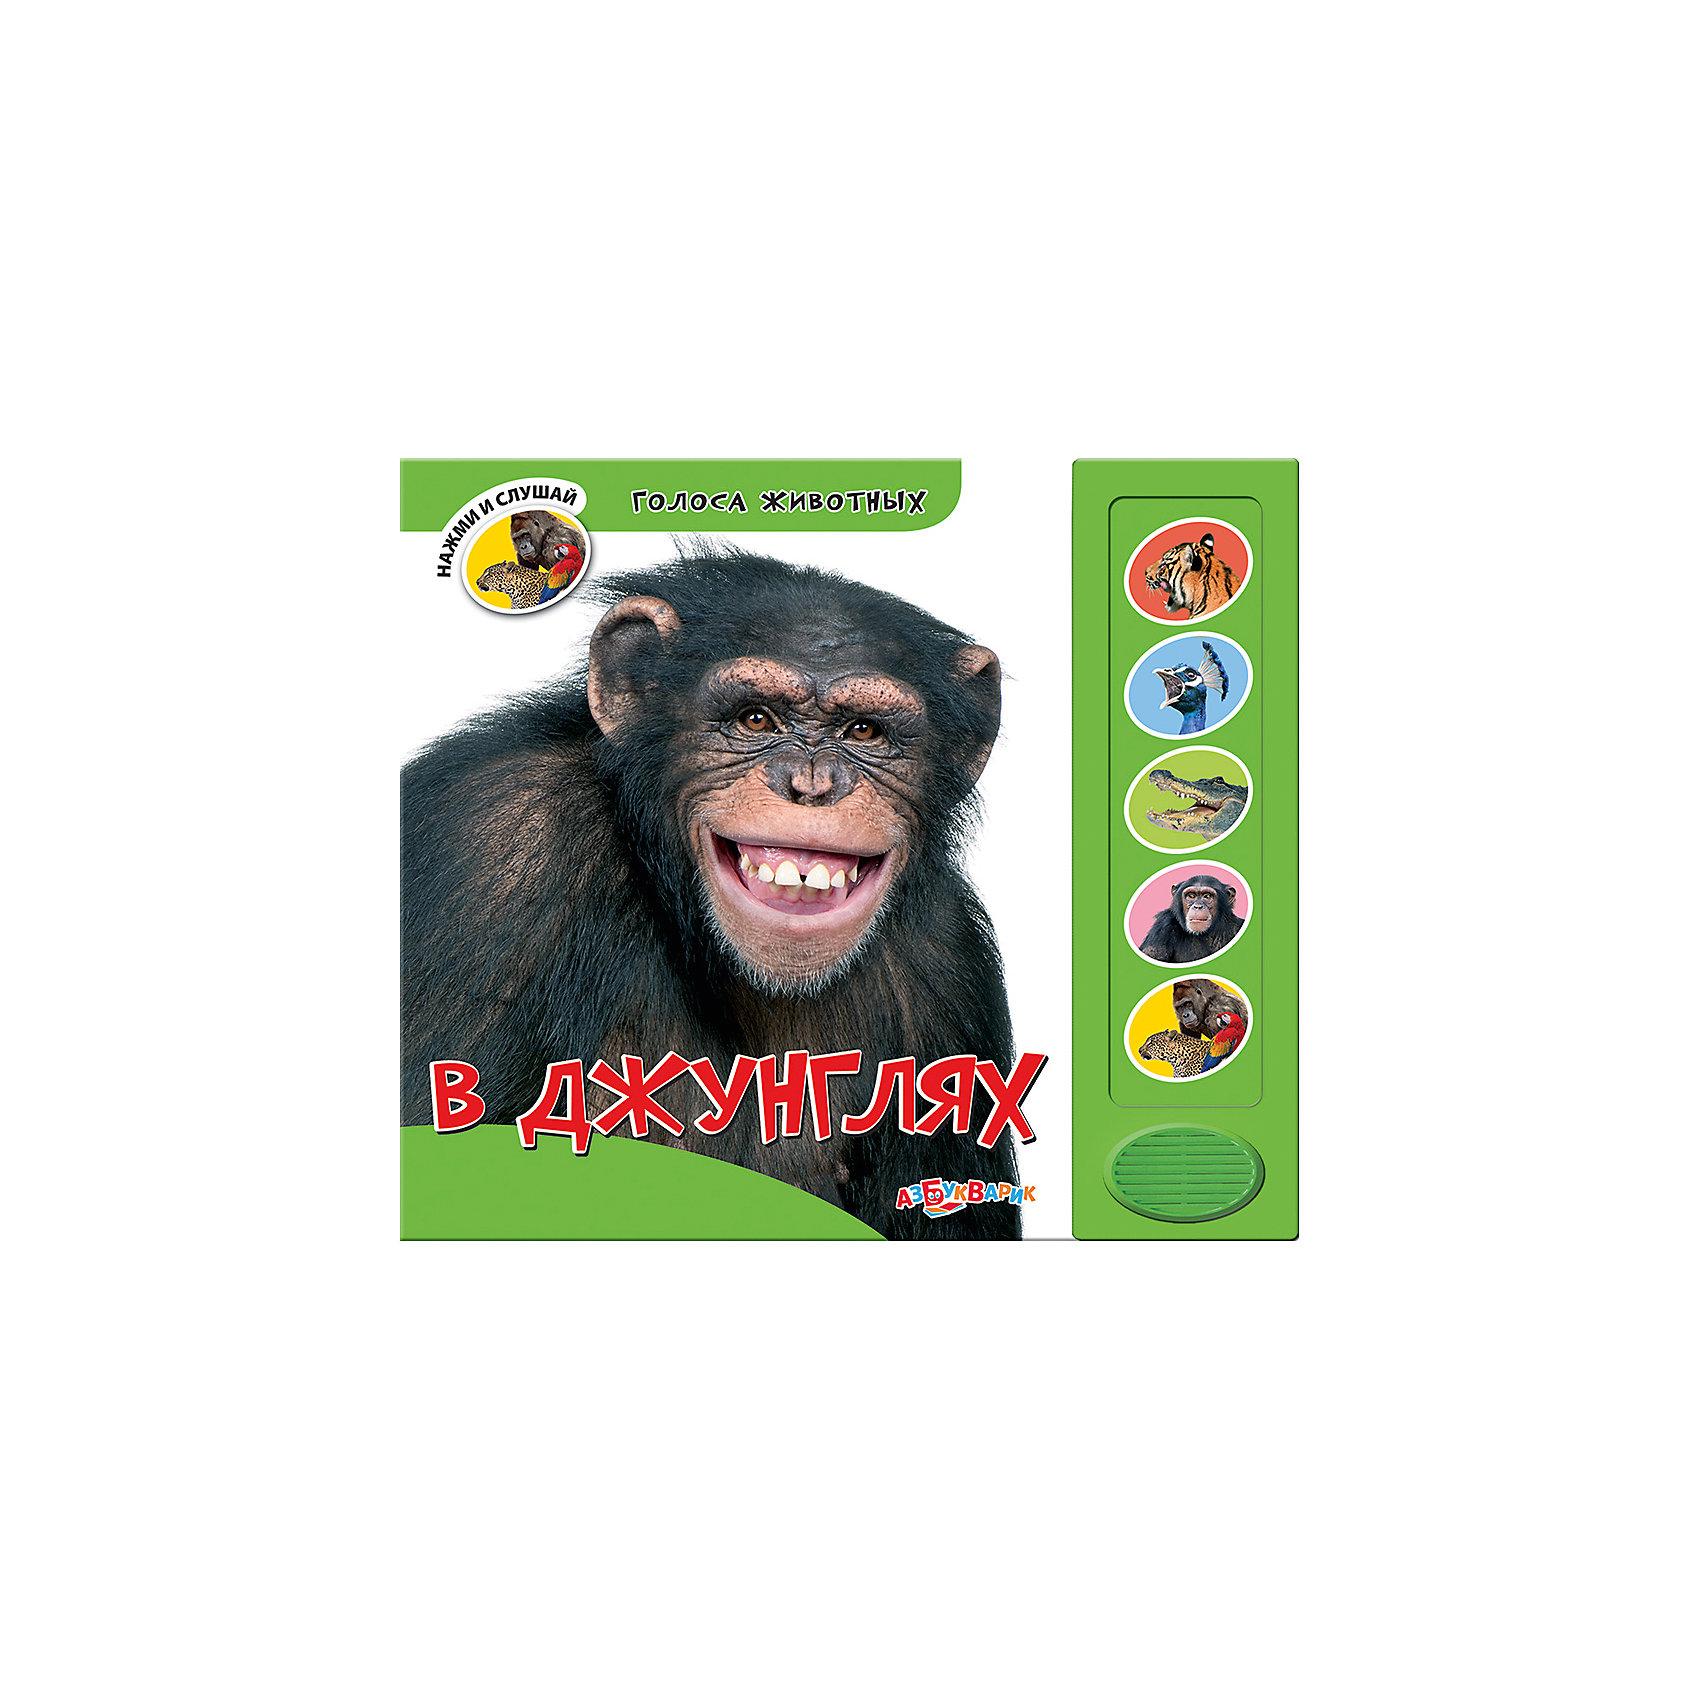 В джунгляхМузыкальные книги<br>Эта замечательная книга познакомит ребенка с удивительным миром джунглей: малыш узнает о тигре, крокодиле, обезьяне и других обитателях тропических лесов. Нажимай на кнопочки, чтобы послушать голоса животных и рассматривай яркие красочные иллюстрации. <br><br>Дополнительная информация:<br>  <br>- Переплет: картон.<br>- Формат: 21х17,5 см.<br>- Количество страниц: 14.<br>- Иллюстрации: цветные. <br>- Элемент питания: батарейки AG13/LR44 (в комплекте).<br><br>Книгу В джунглях можно купить в нашем магазине.<br><br>Ширина мм: 200<br>Глубина мм: 150<br>Высота мм: 20<br>Вес г: 285<br>Возраст от месяцев: 24<br>Возраст до месяцев: 60<br>Пол: Унисекс<br>Возраст: Детский<br>SKU: 4603748